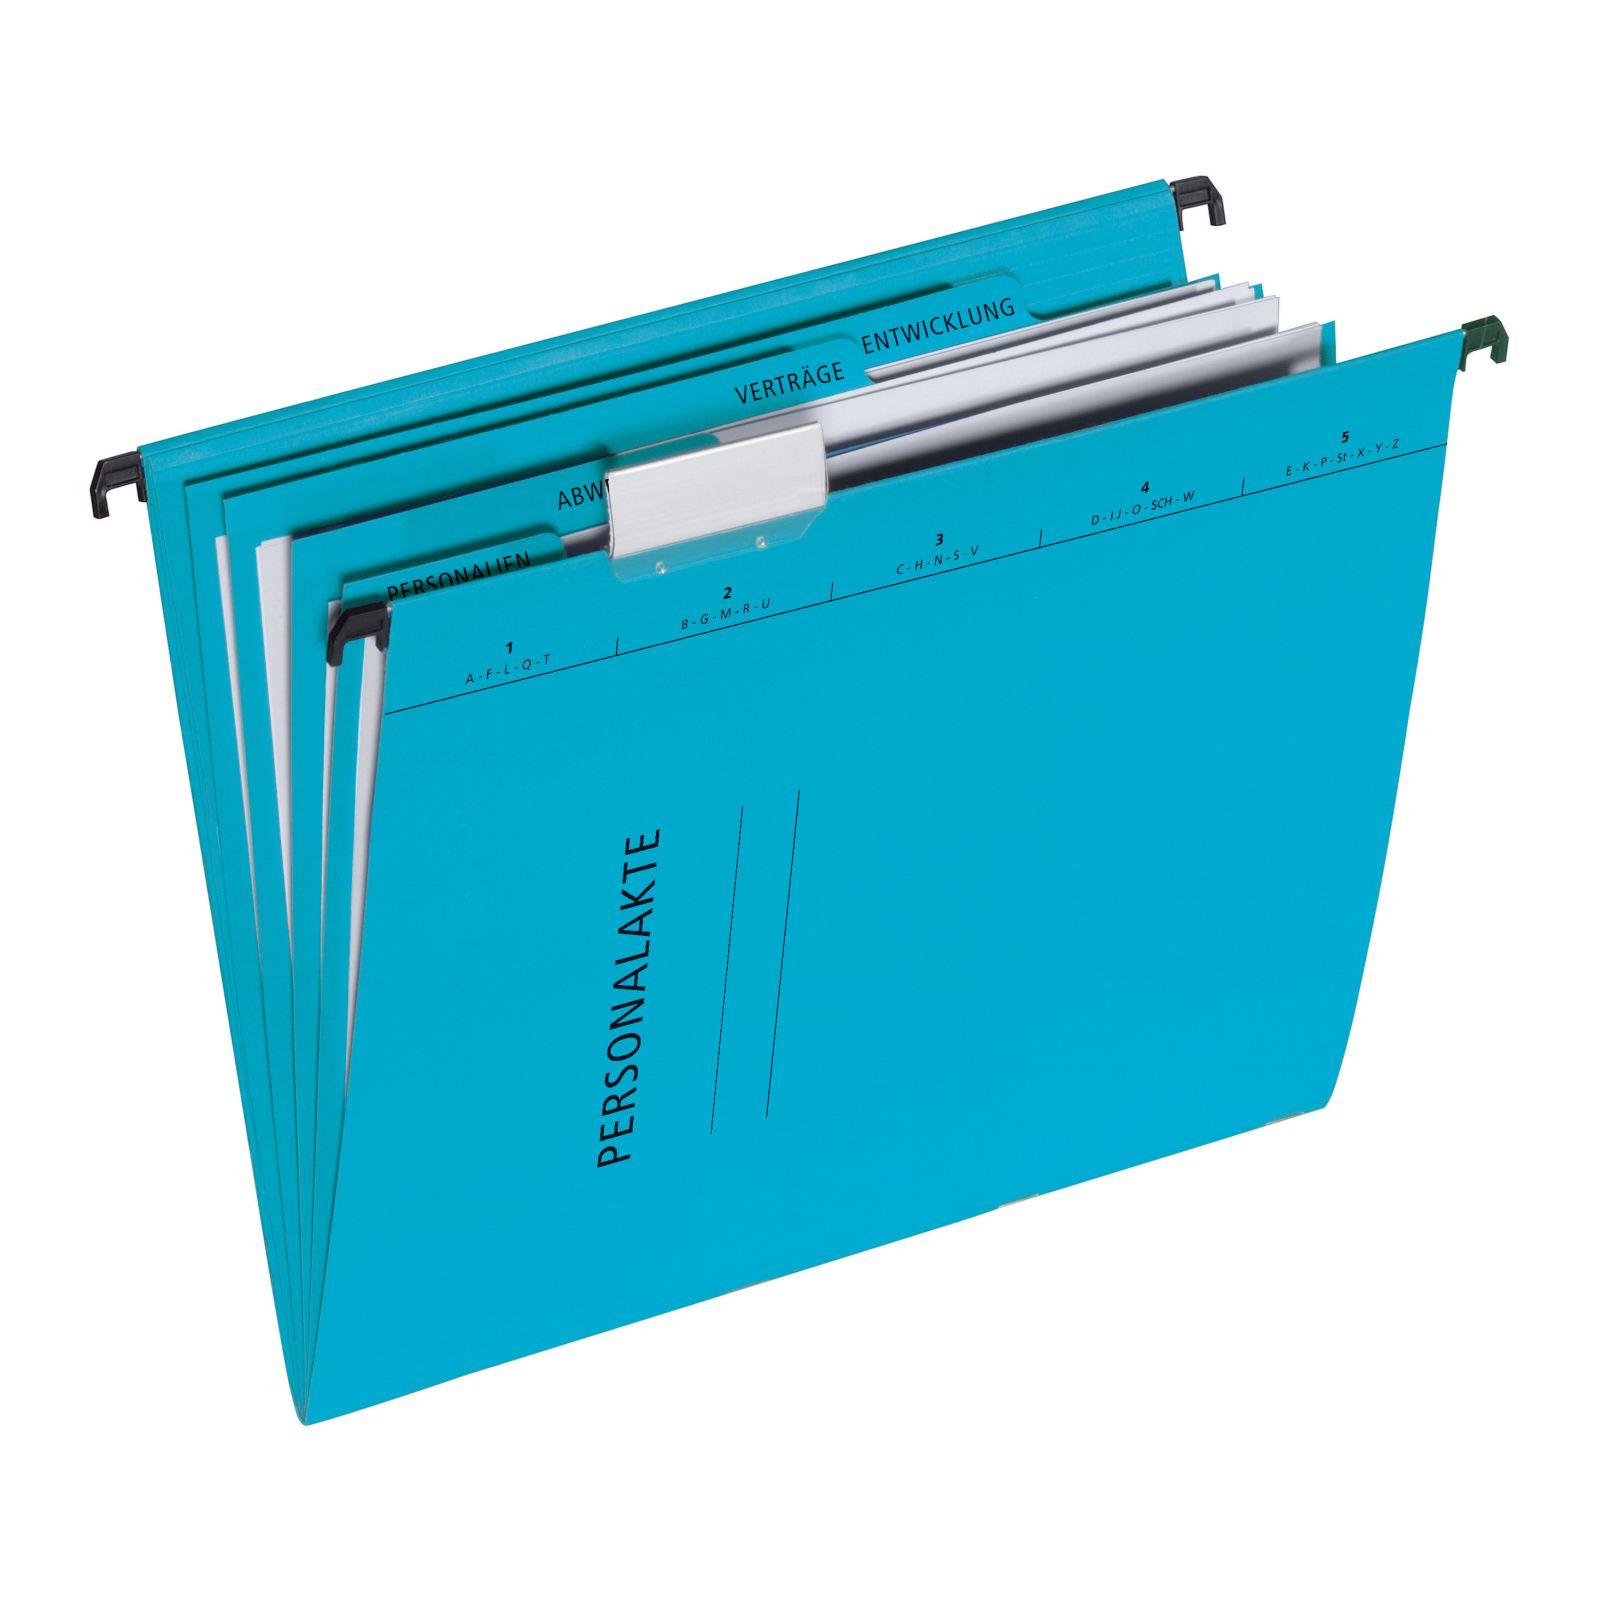 Pagna 44105-02 - Konventioneller Dateiordner - A4 - Karton - Blau - 3 Taschen - 245 mm